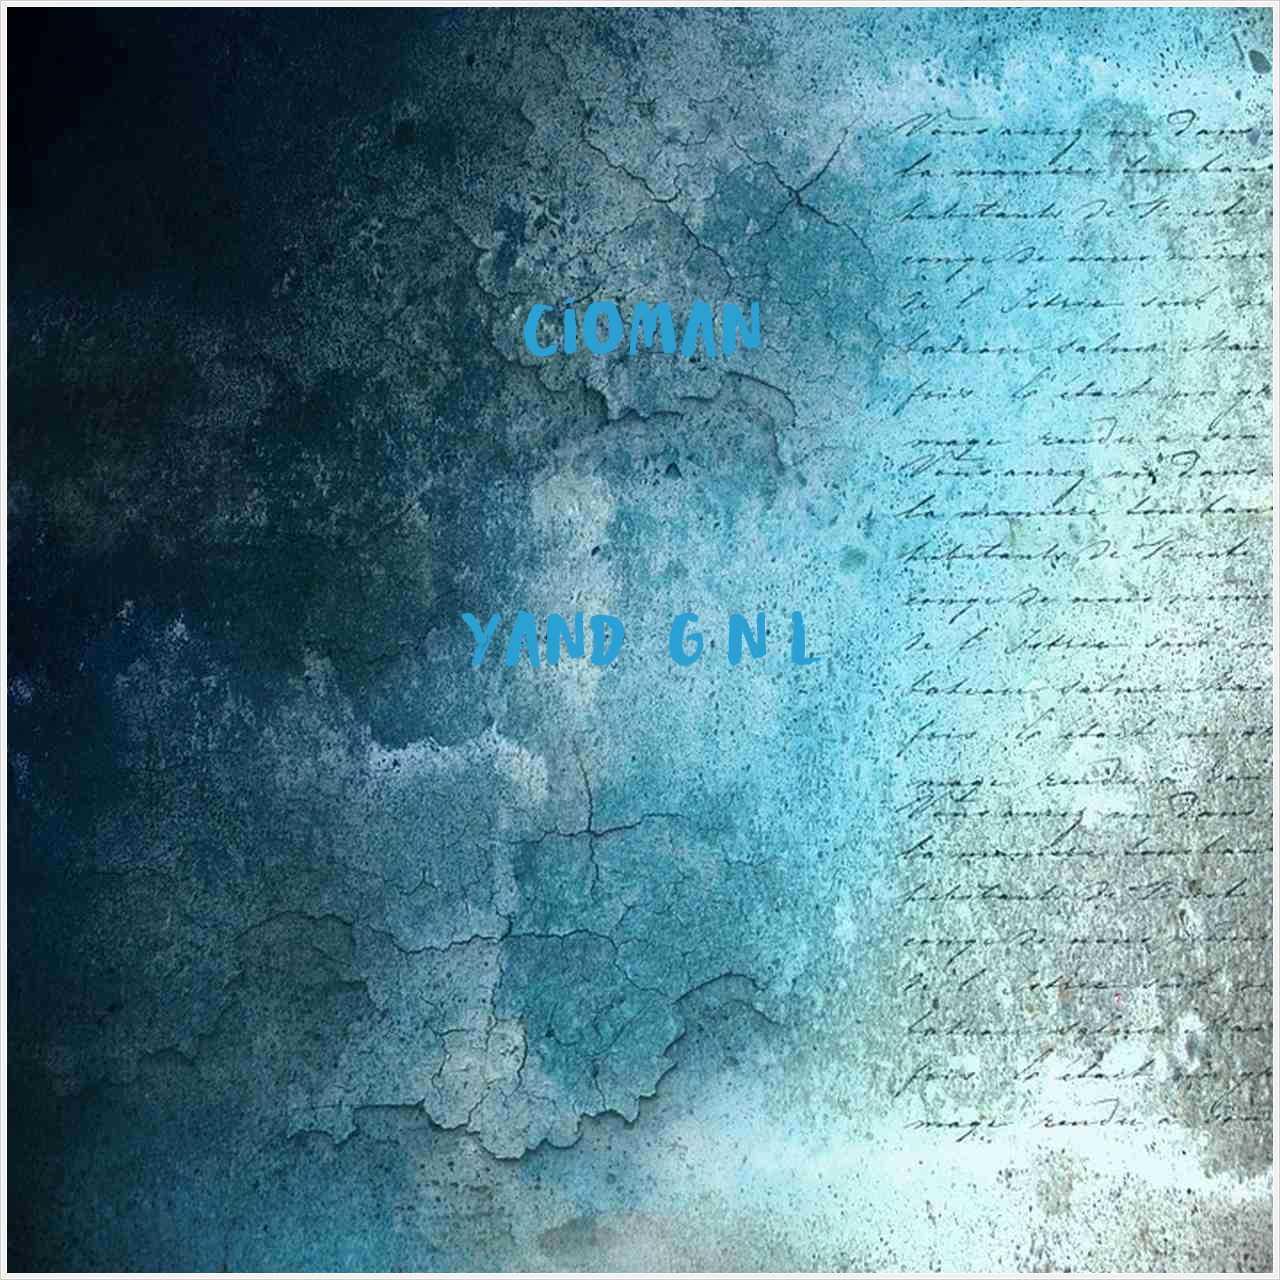 دانلود آهنگ جدید Cioman به نام Yandı Gönül